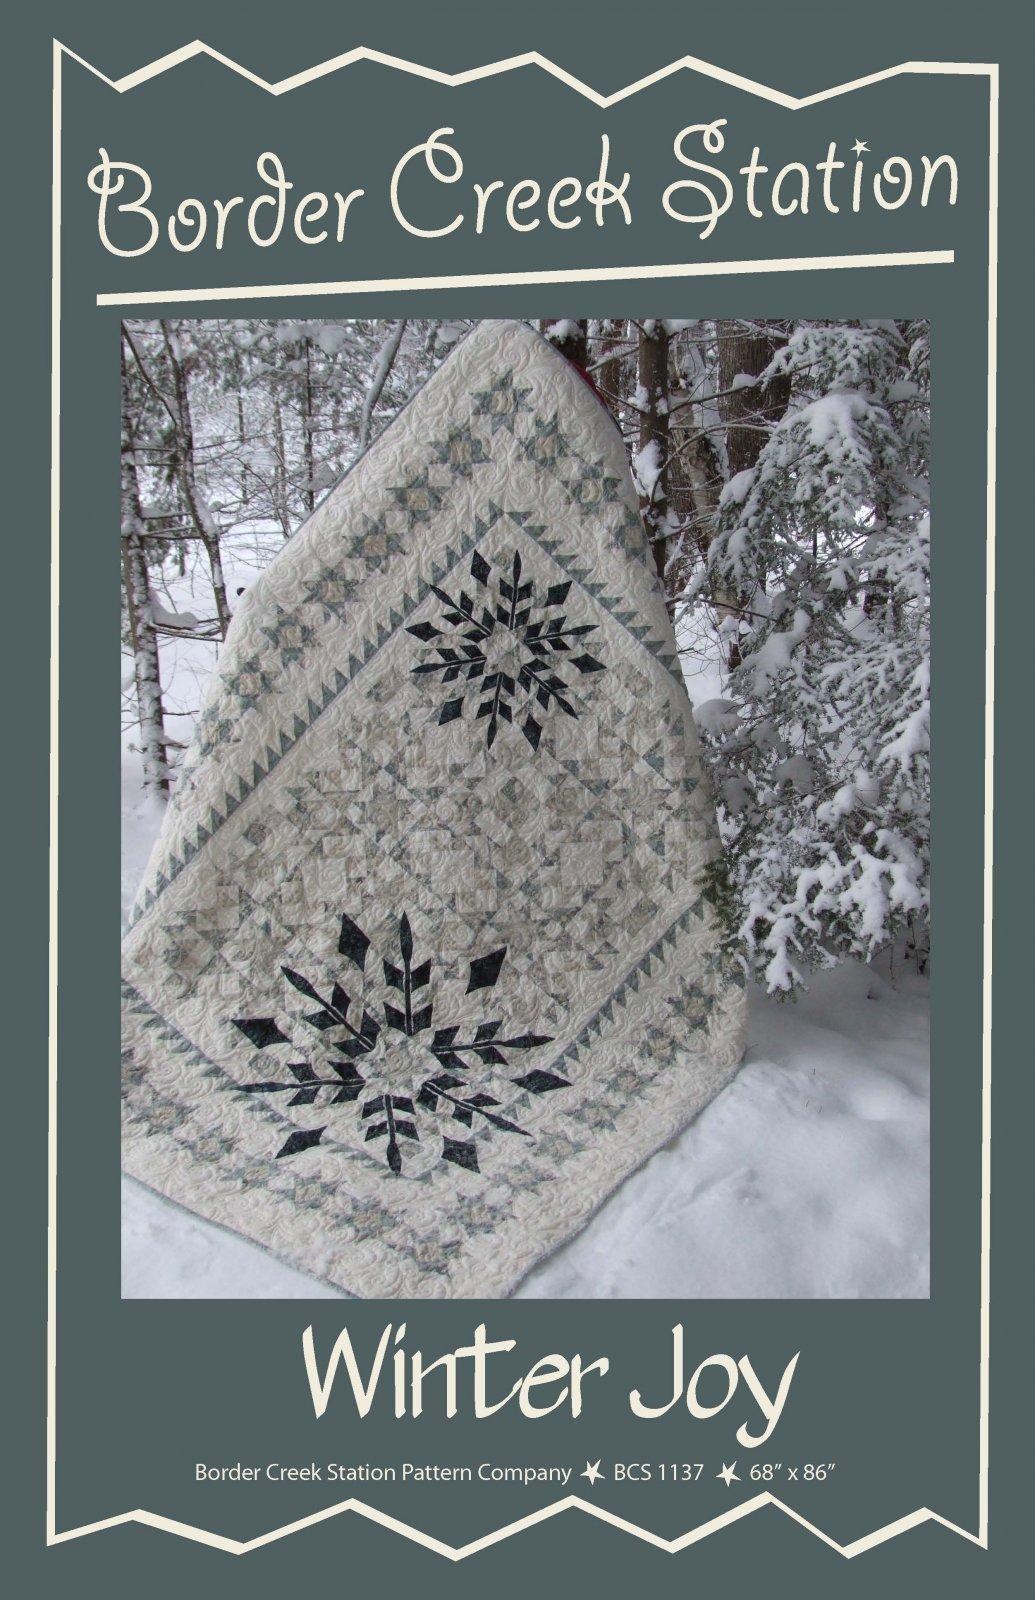 Winter Joy Pattern